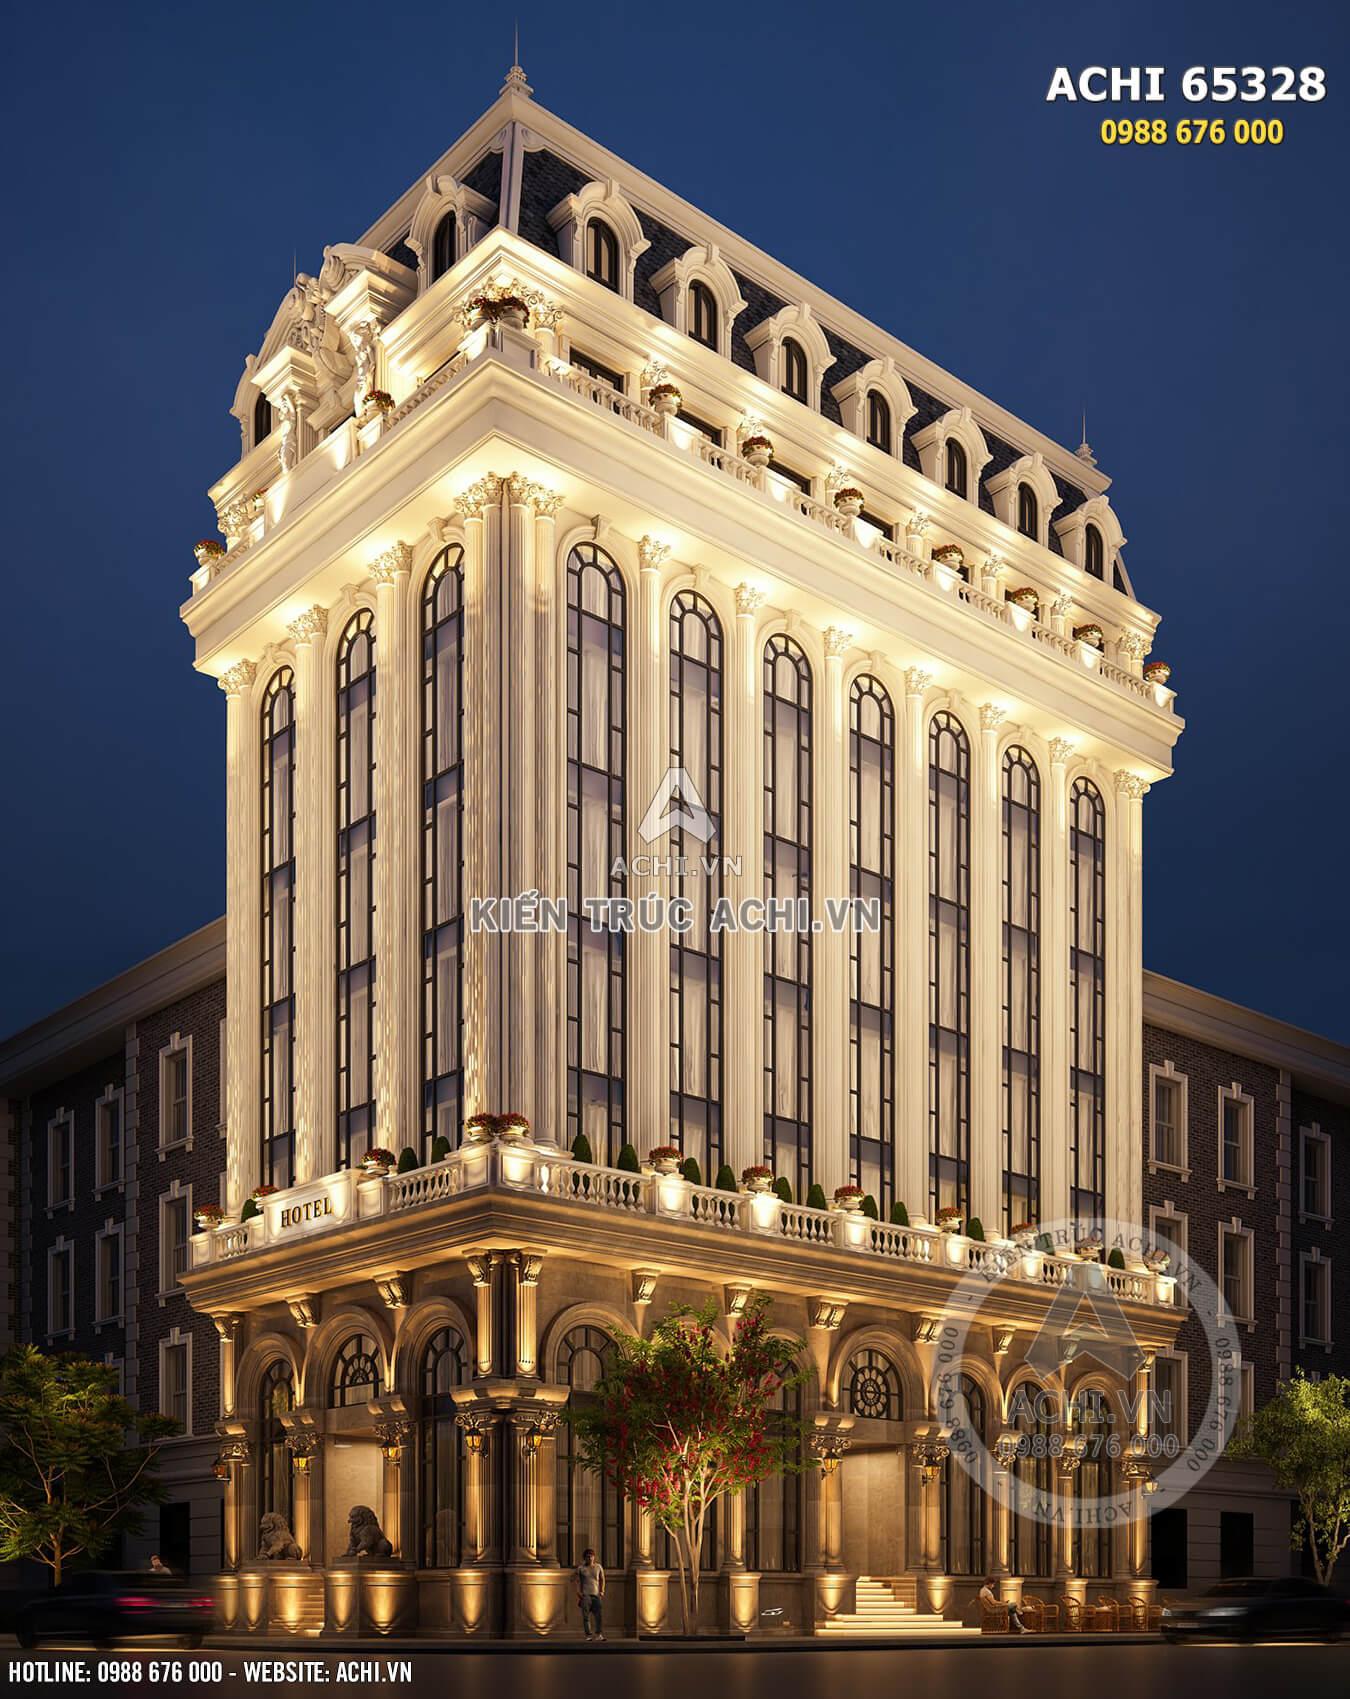 Hình ảnh: Xu hướng kiến trúc tân cổ của tòa khách sạn tân cổ theo tiêu chuẩn 5 sao